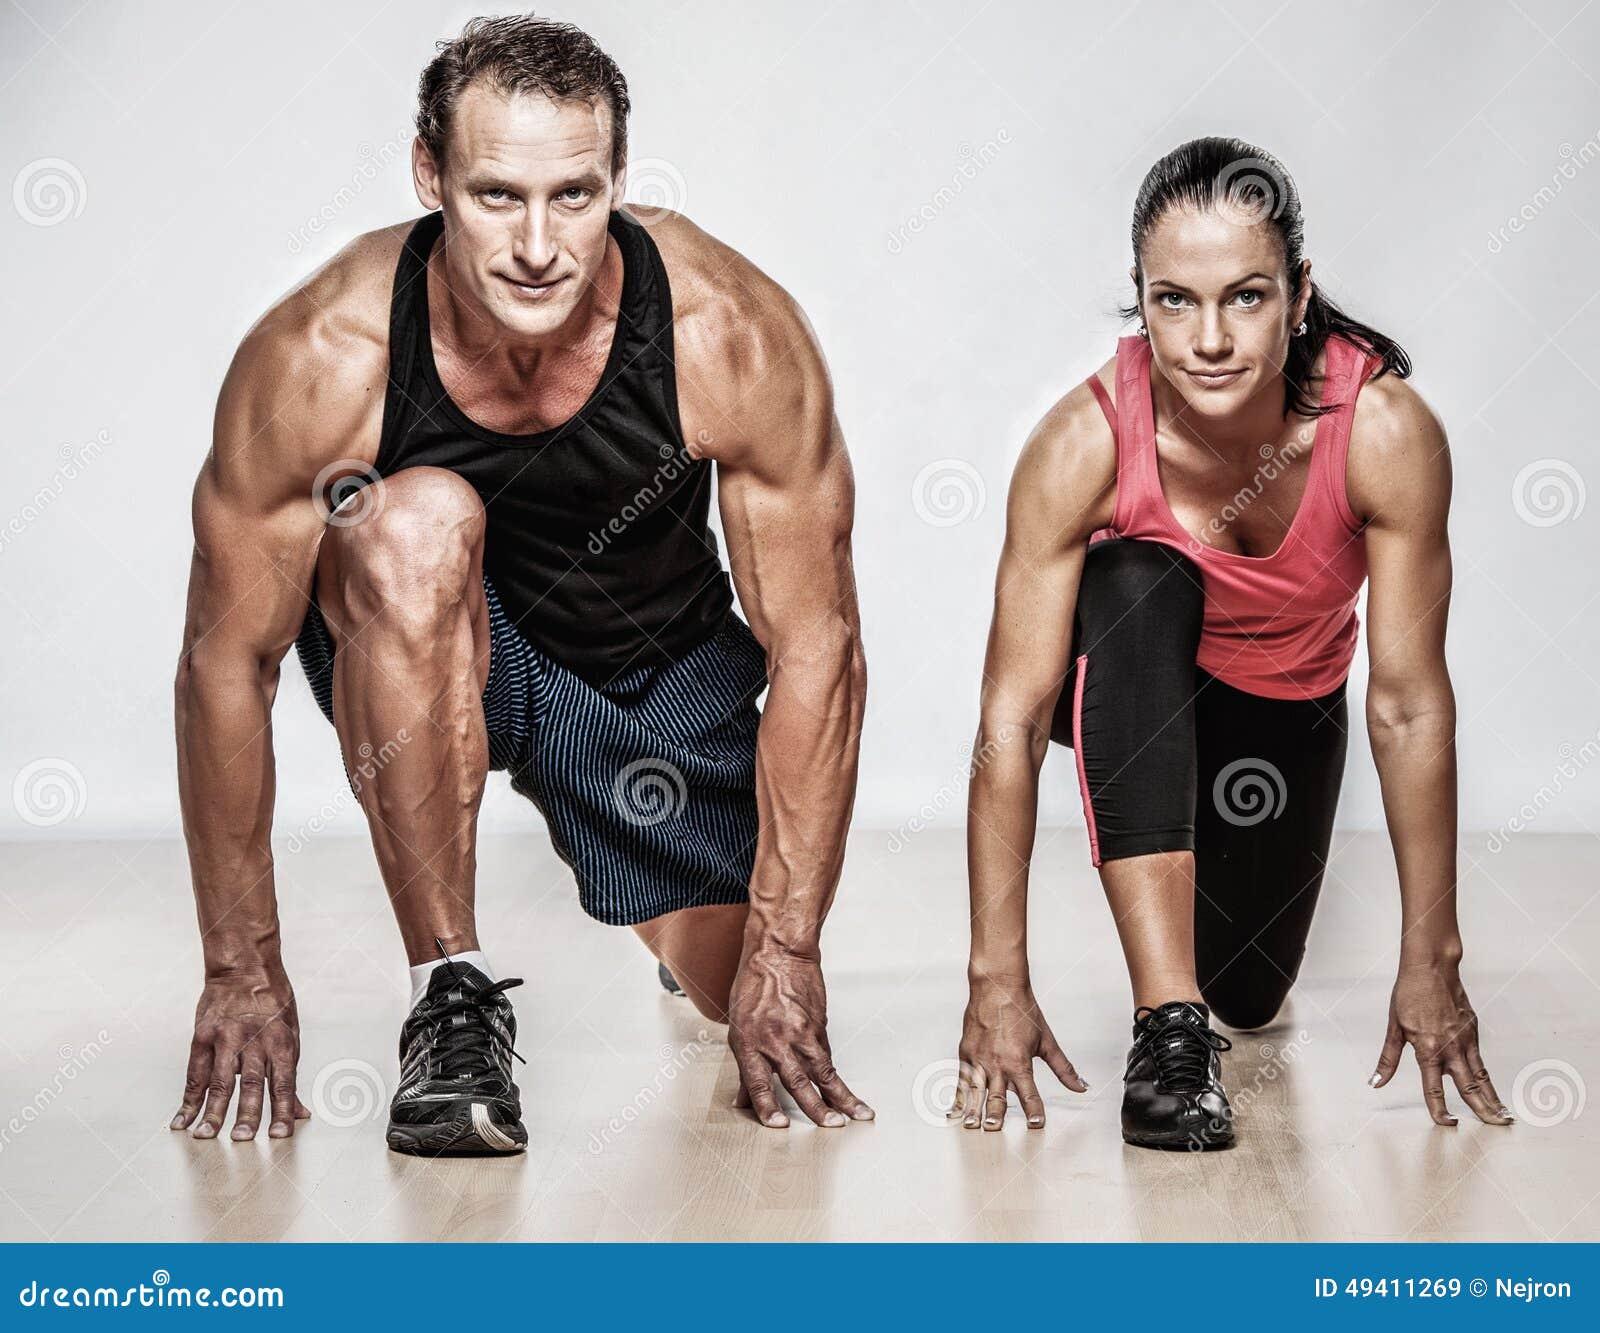 Download Athletischer Mann und Frau stockbild. Bild von leistung - 49411269